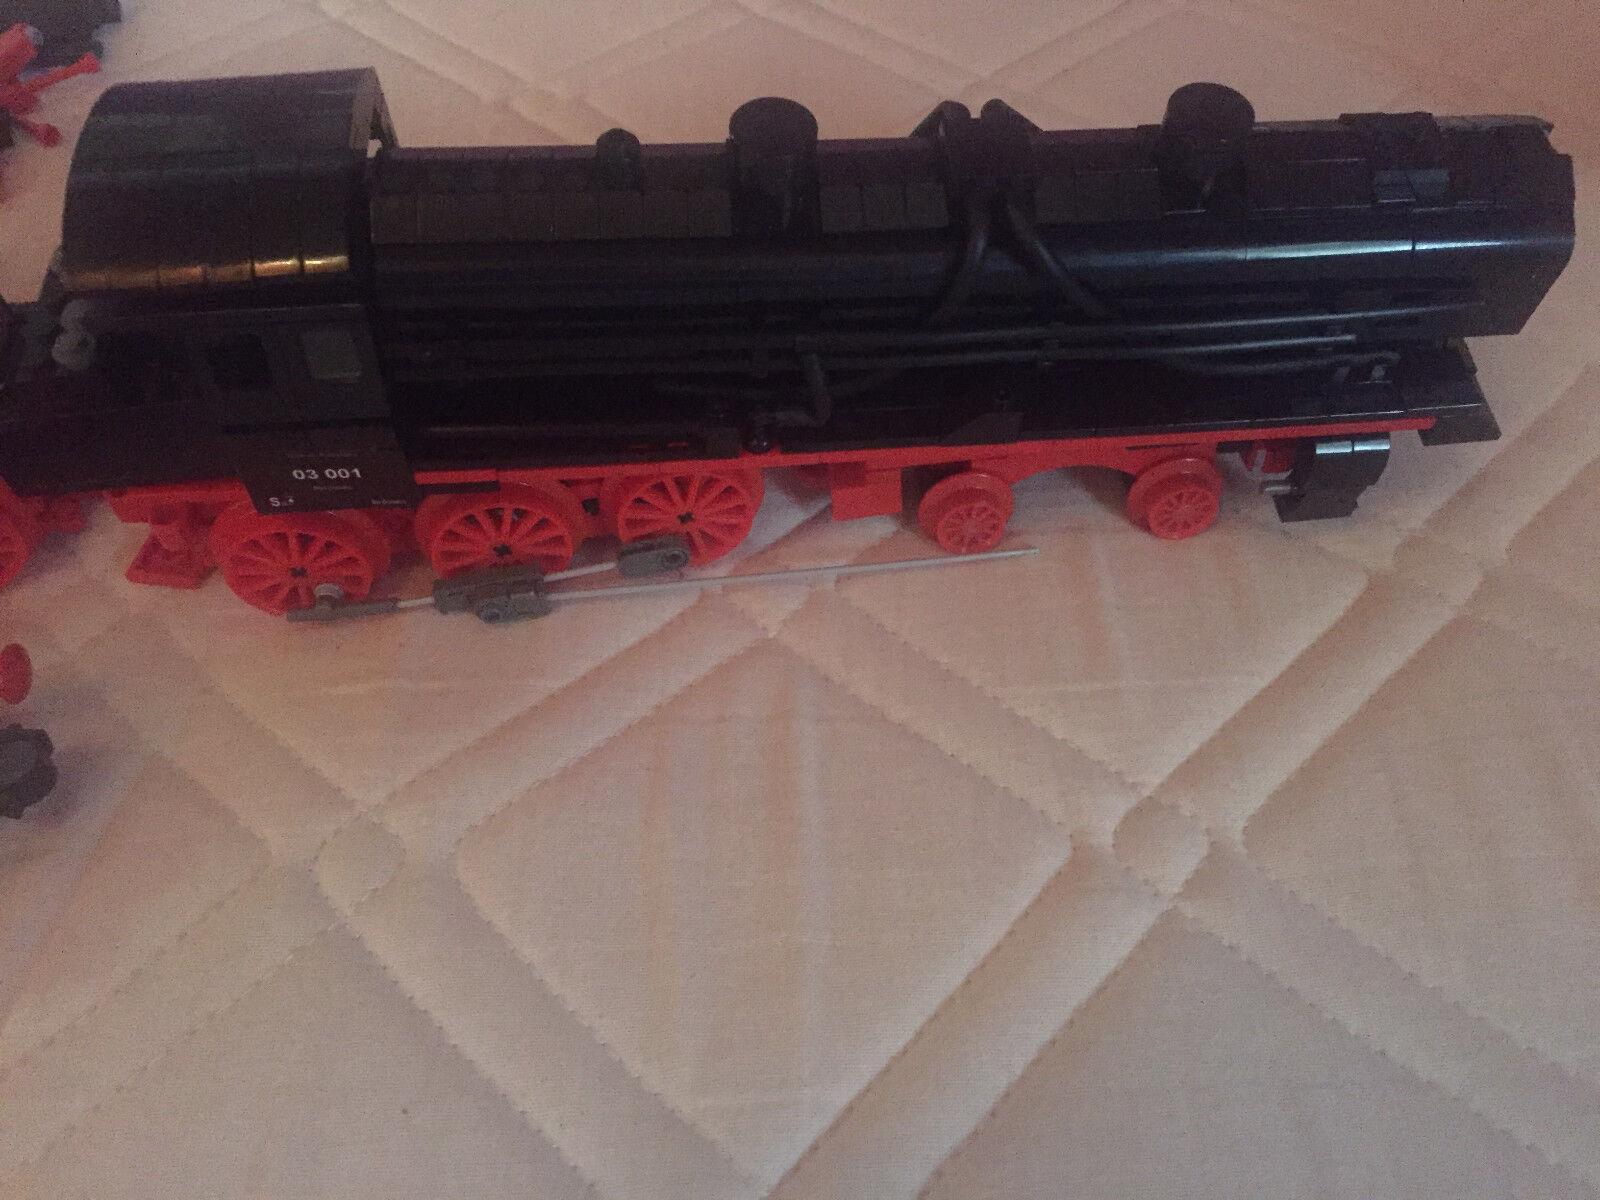 Lego Eisenbahn 9 Volt, große Dampflok mit Tender mit Beleuchtungen